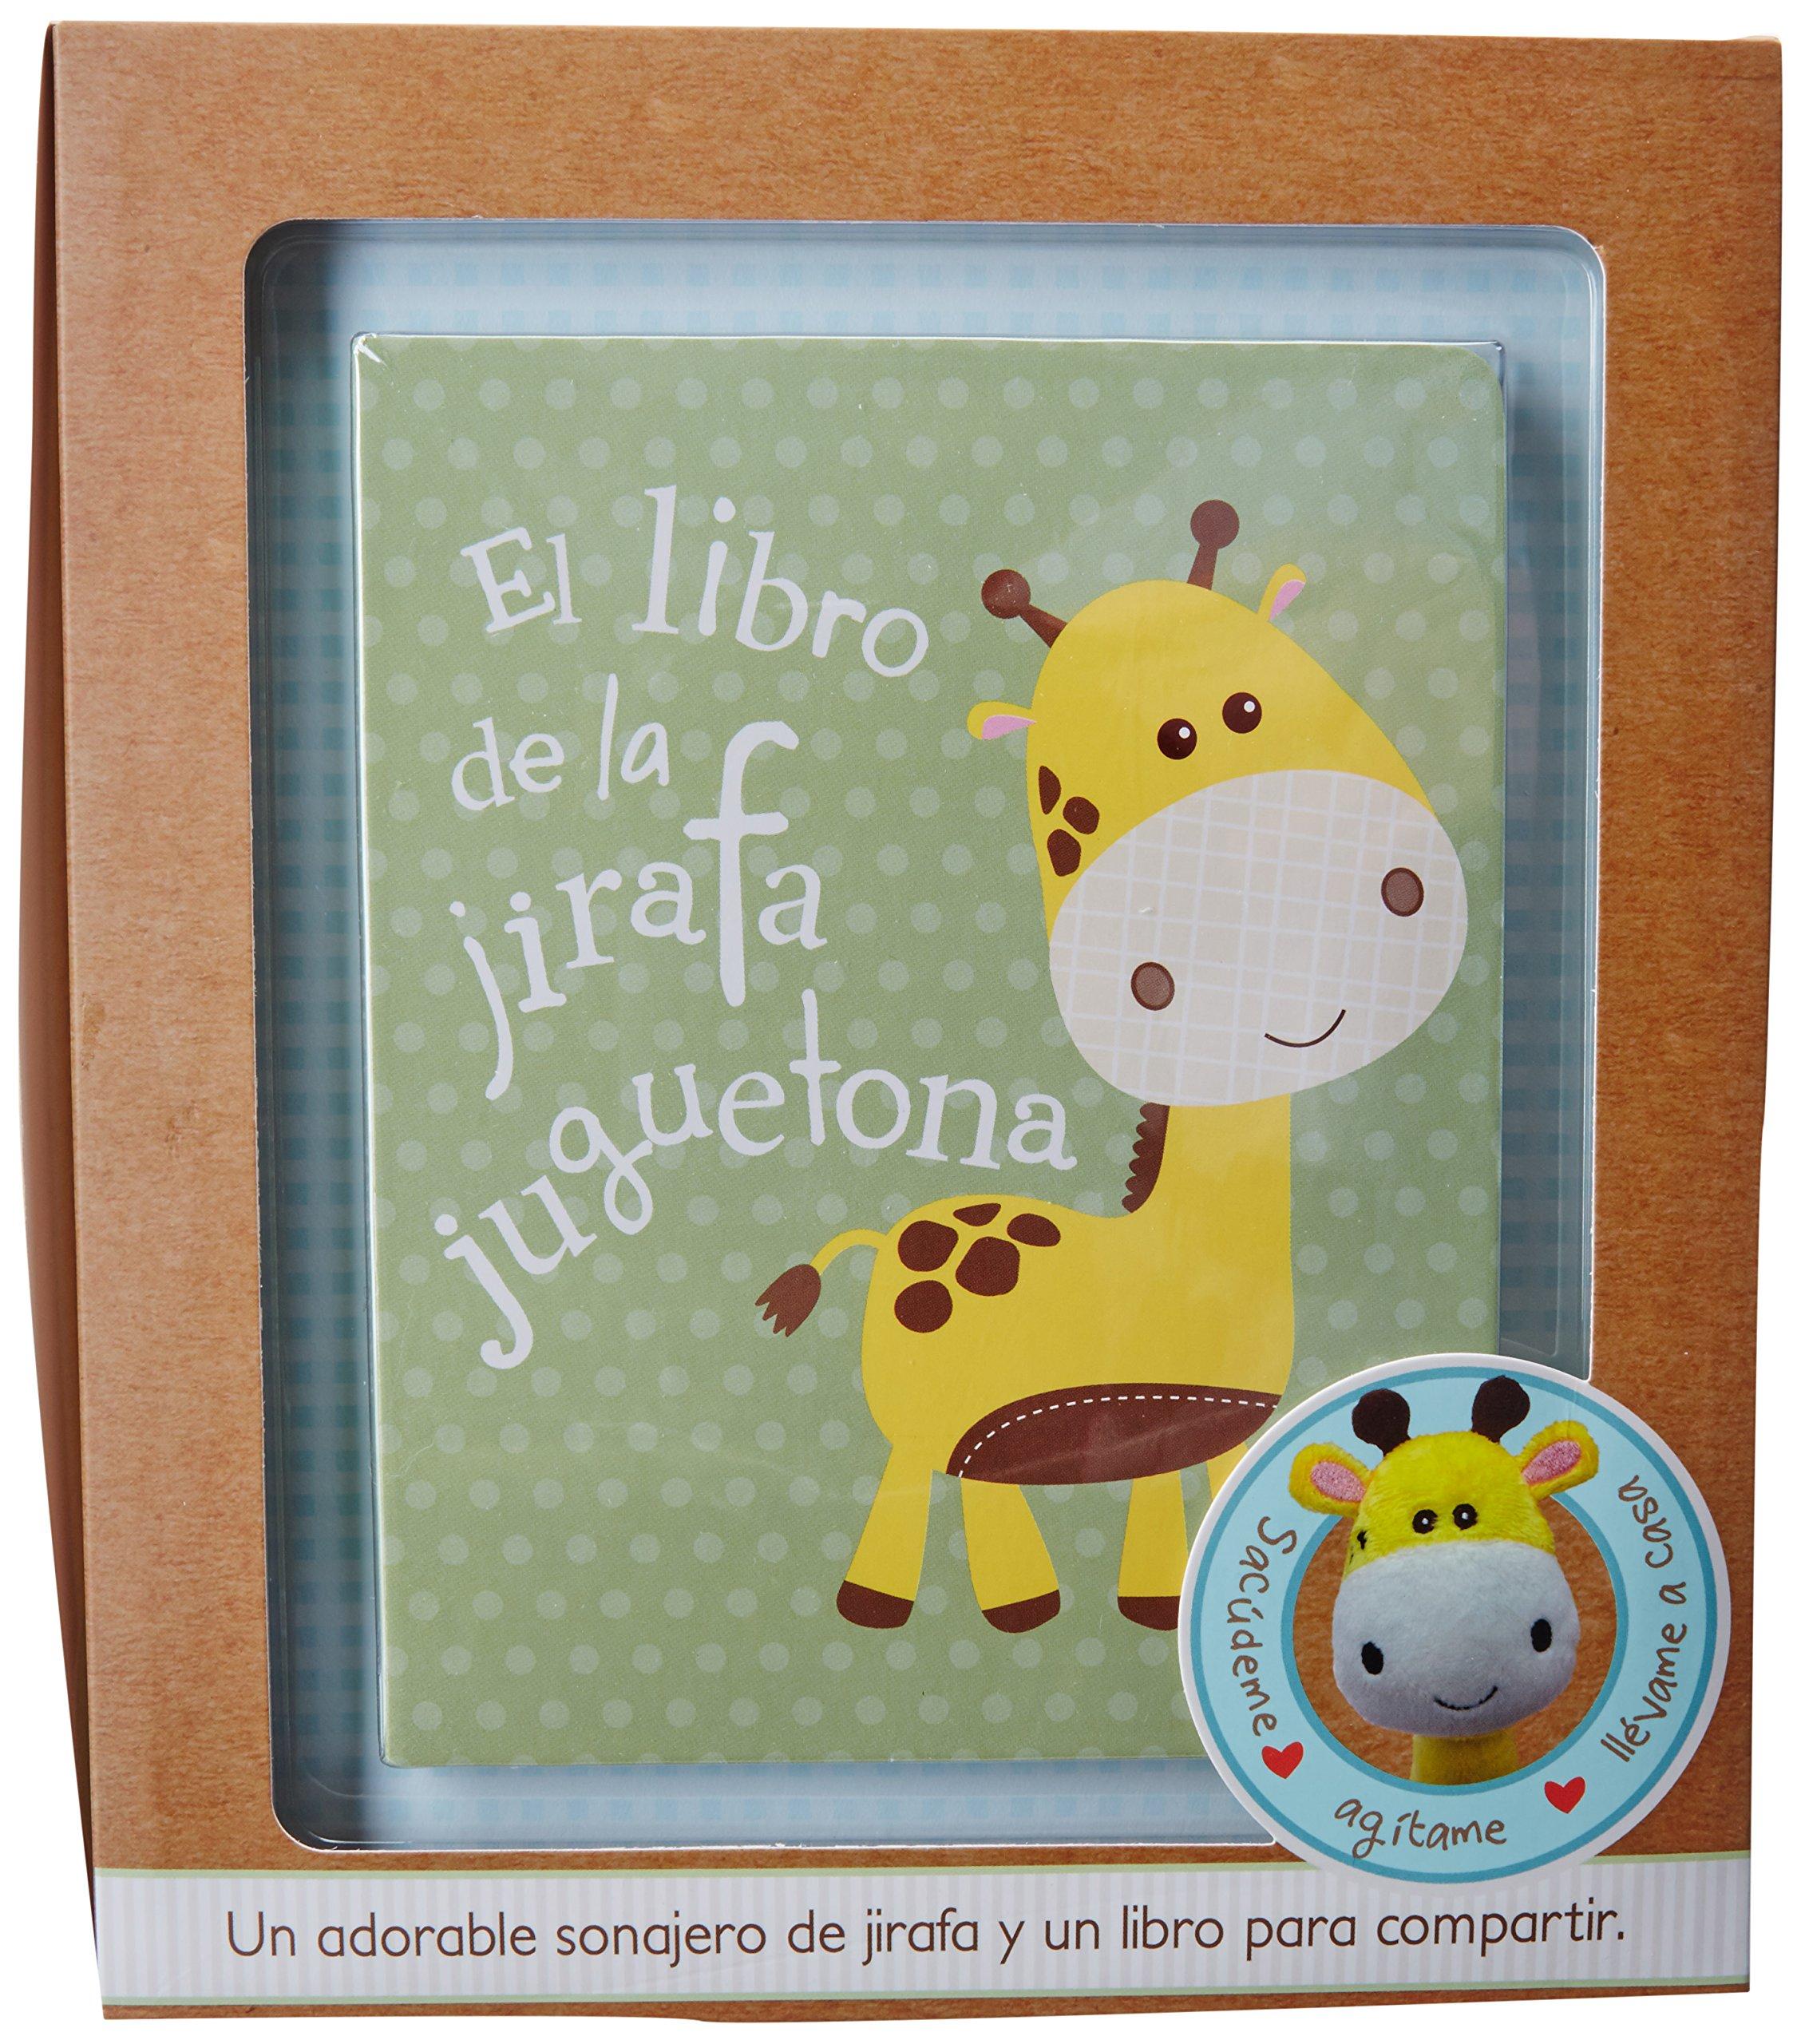 Jirafa Juguetona - Libro y sonajero de puluche (Little Learners) (Spanish Edition): Parragon Books: 9781472349842: Amazon.com: Books